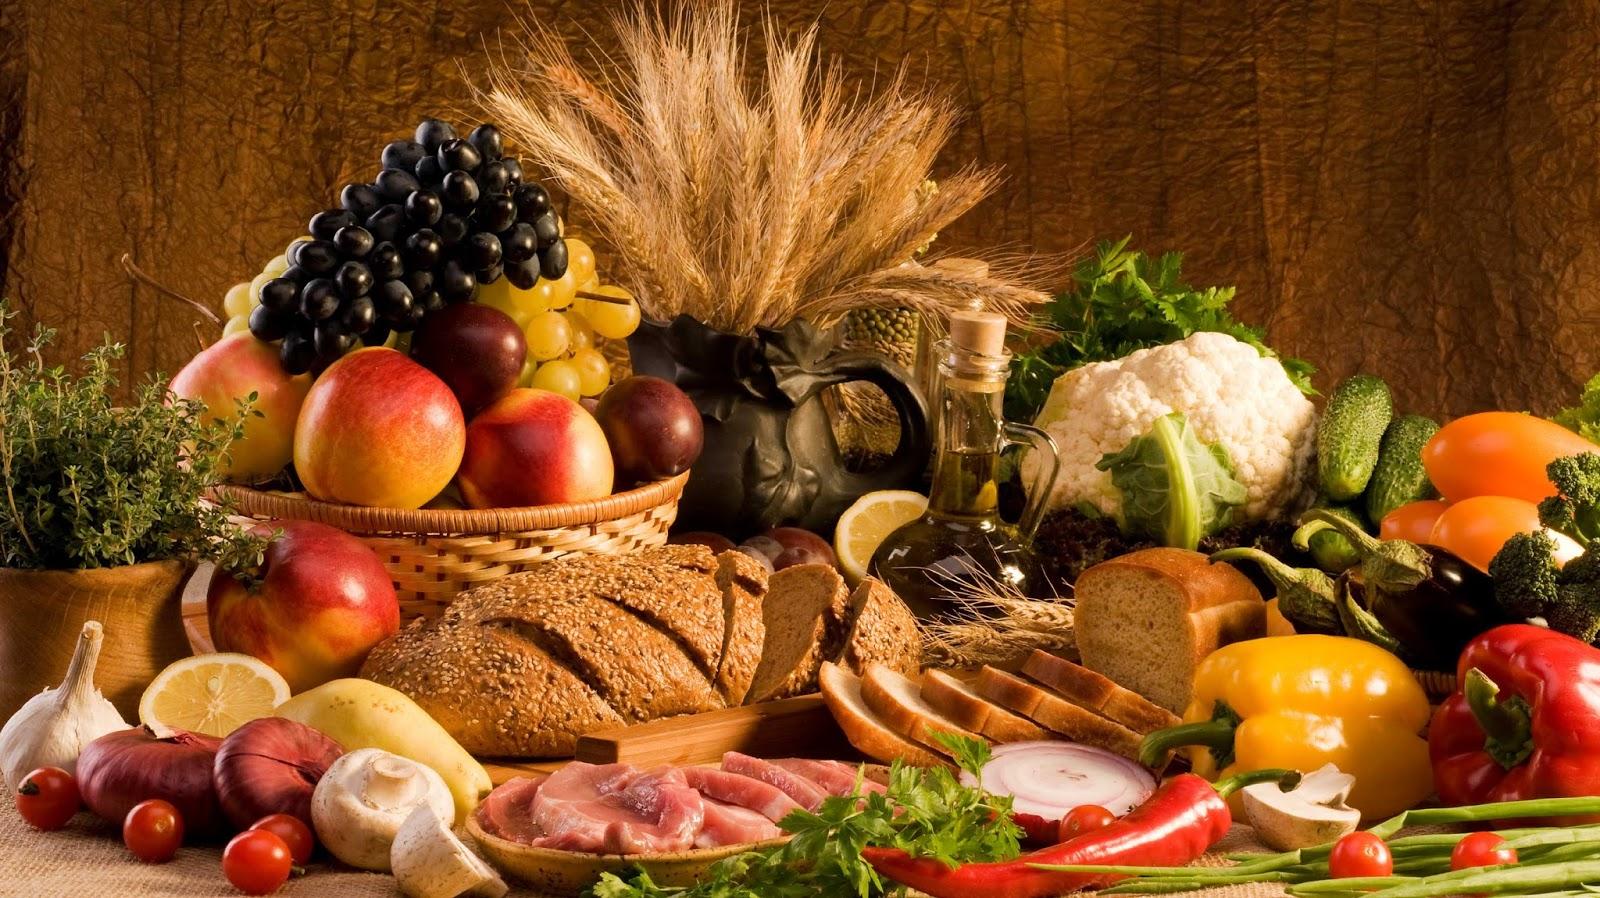 Lời khuyên sẽ giúp ích cho bạn trong việc đảm bảo dinh dưỡng sức khỏe